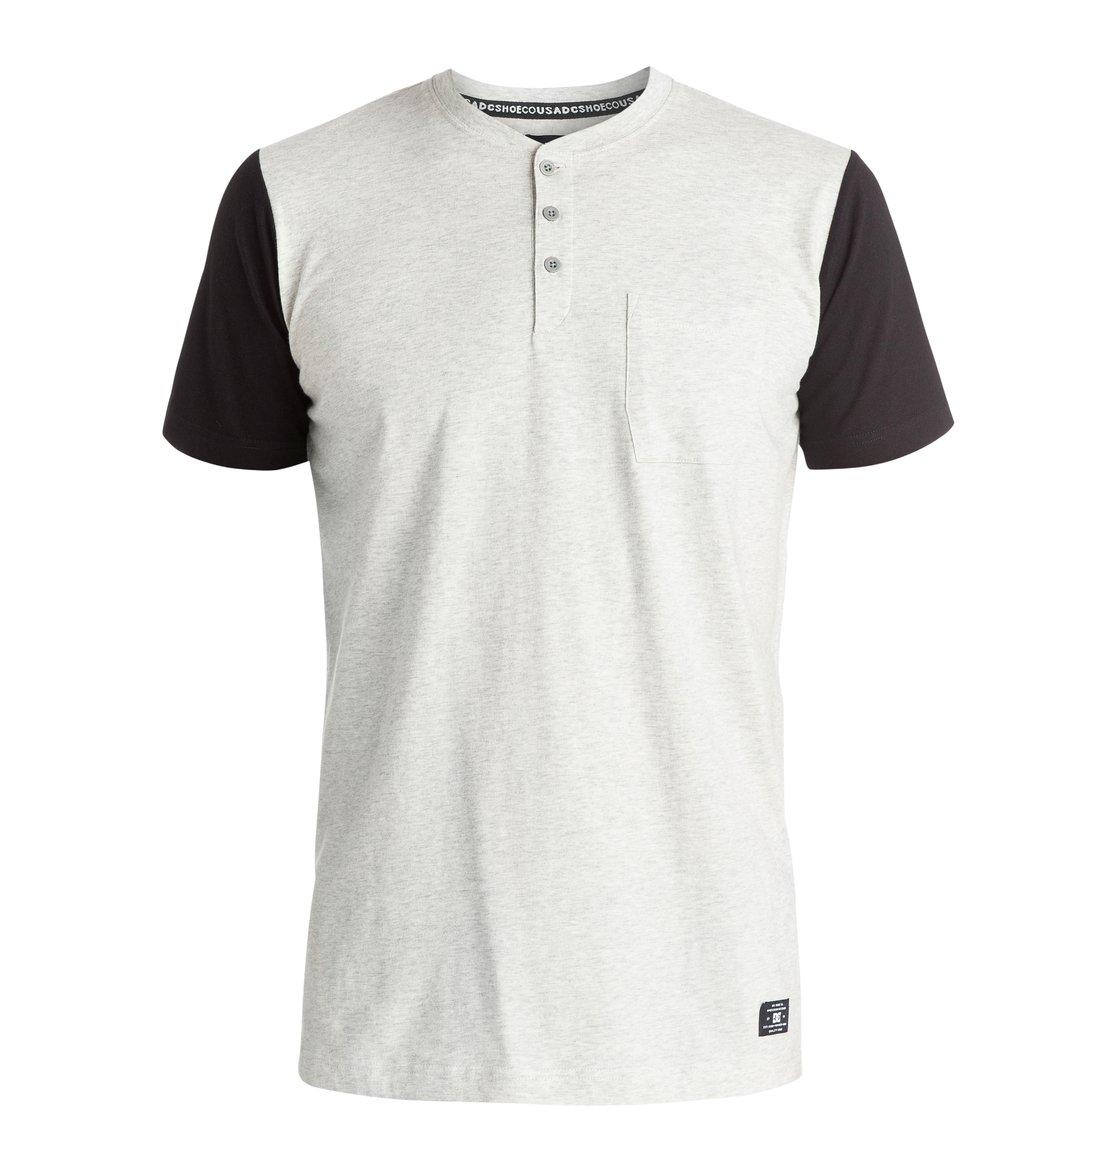 Willowbrook T-ShirtМужская футболка Willowbrook от DC Shoes. <br>ХАРАКТЕРИСТИКИ: мягкий трикотаж, классический дизайн Henley, воротник в бейсбольном стиле и в рубчик и нагрудный карман, тело и рукава контрастного цвета. <br>СОСТАВ: 100% хлопок.<br>